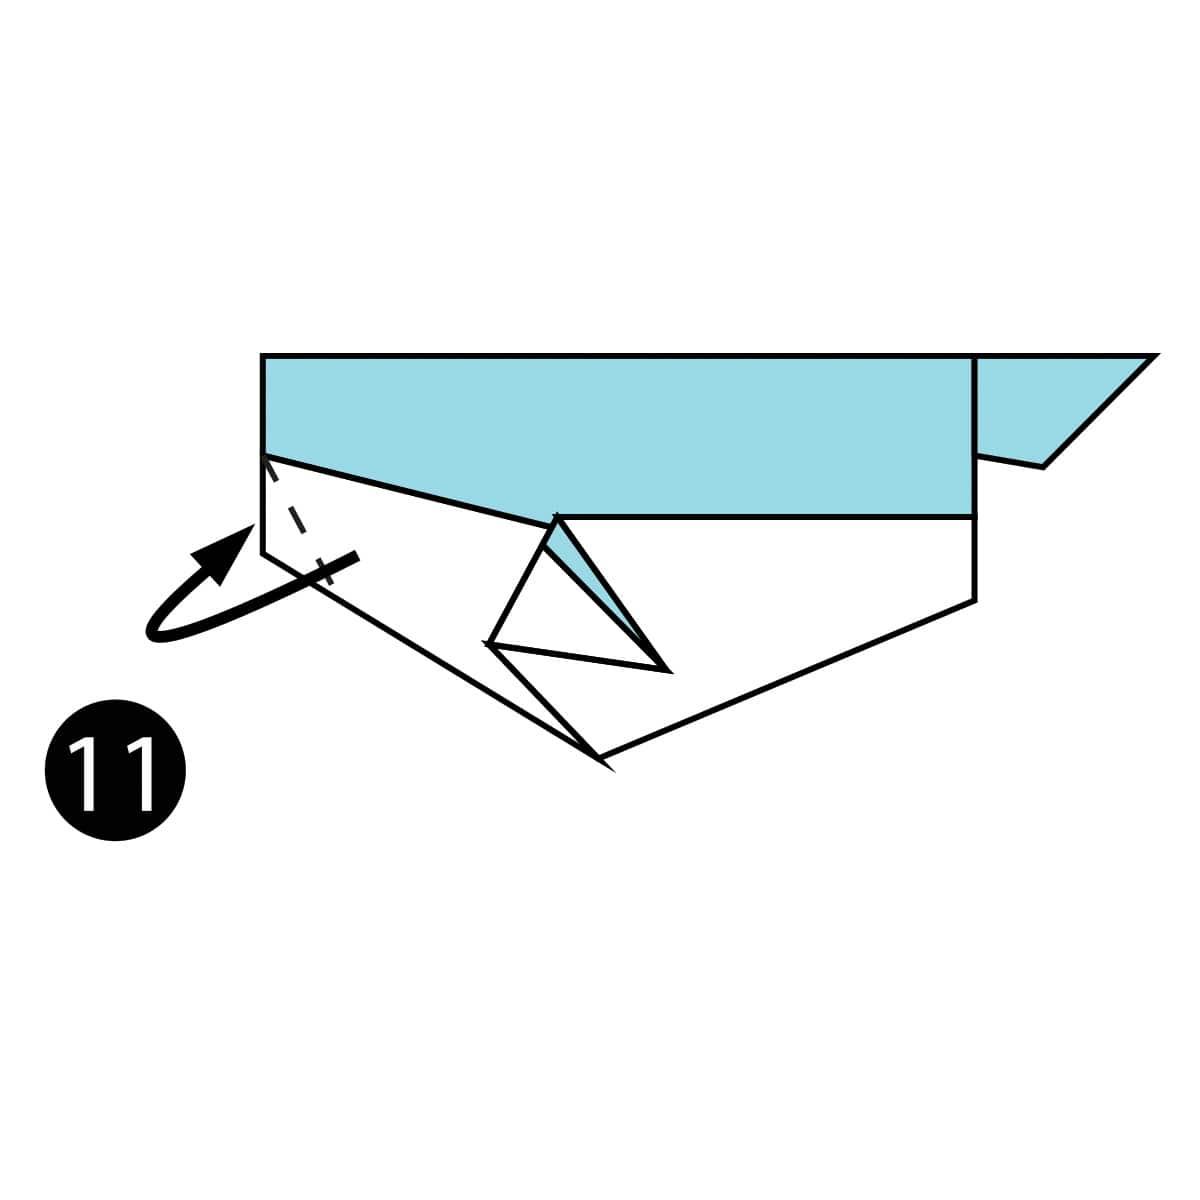 Blowfish Step 11